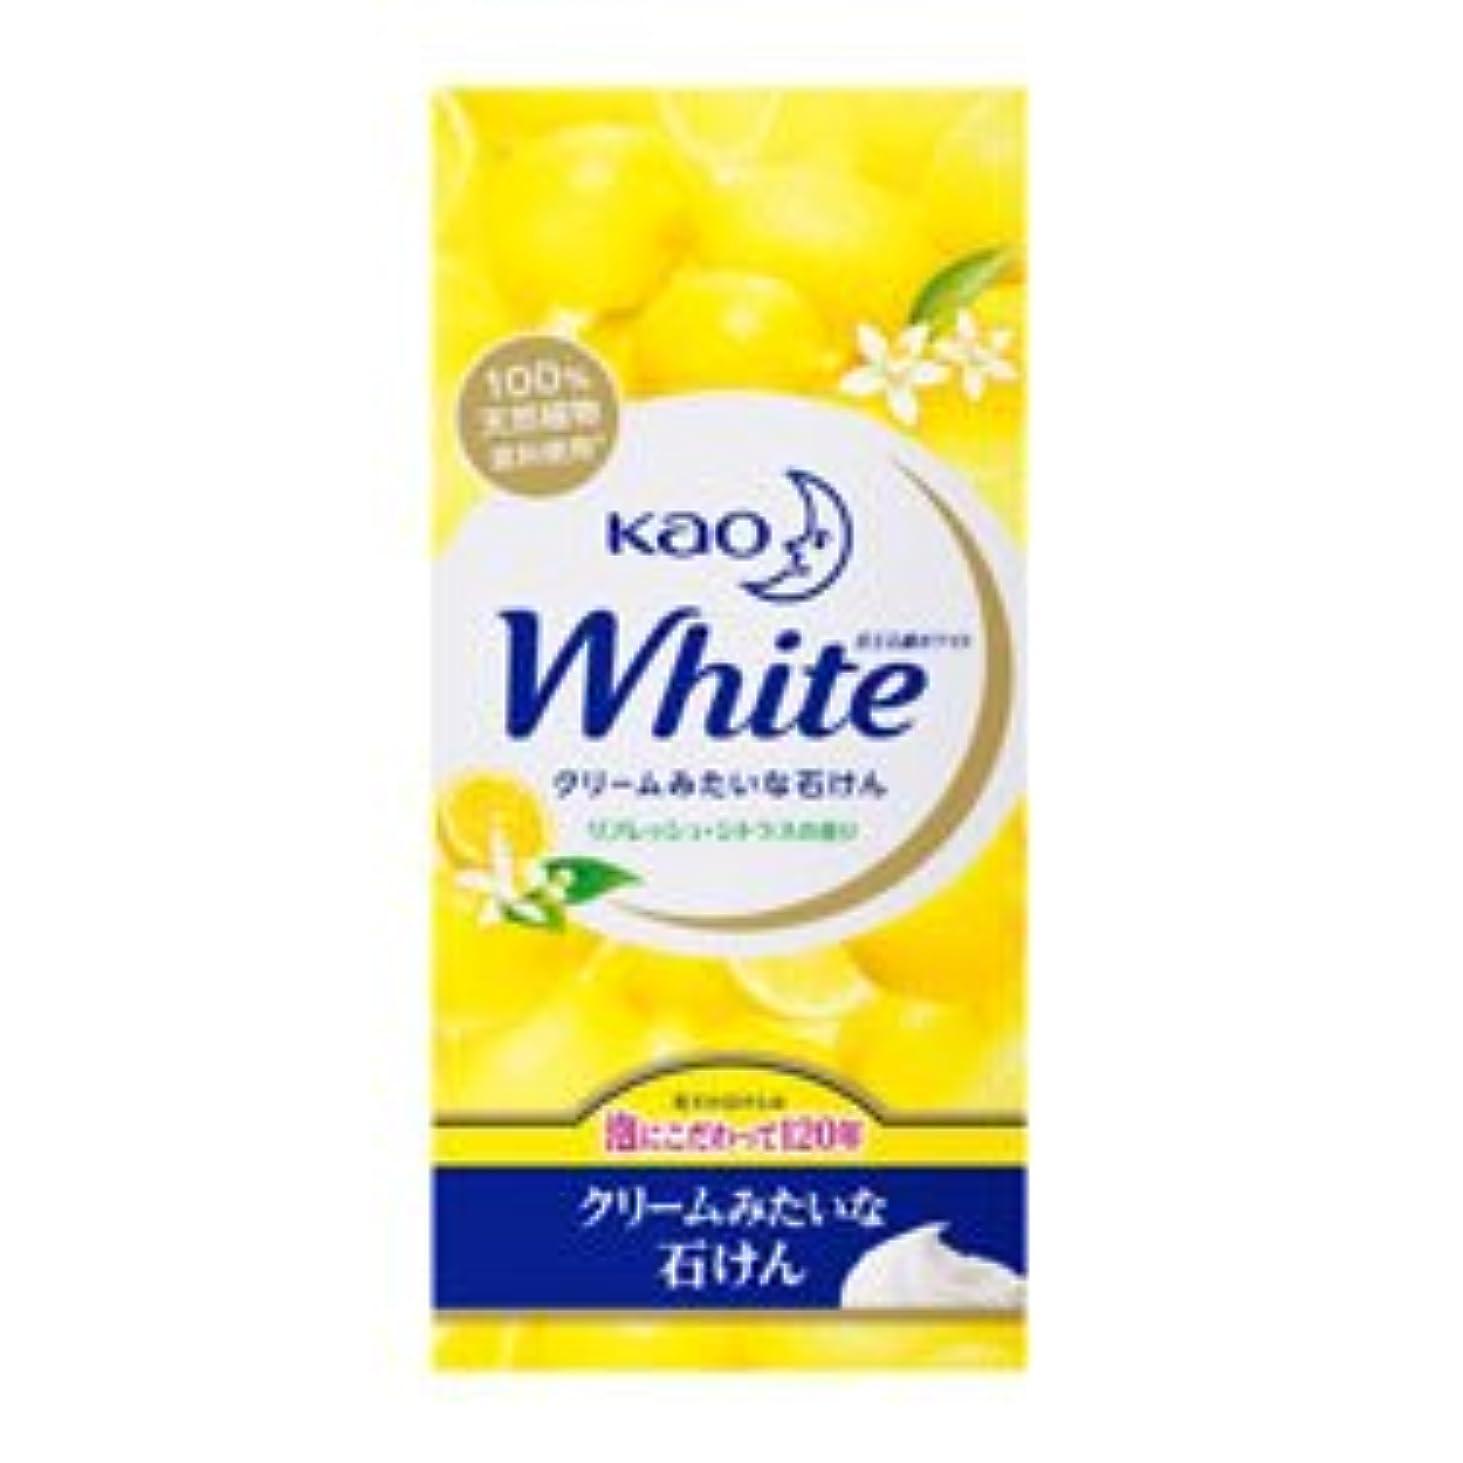 資産口述インストラクター【花王】ホワイト リフレッシュ?シトラスの香り レギュラーサイズ 85g×6個入 ×20個セット